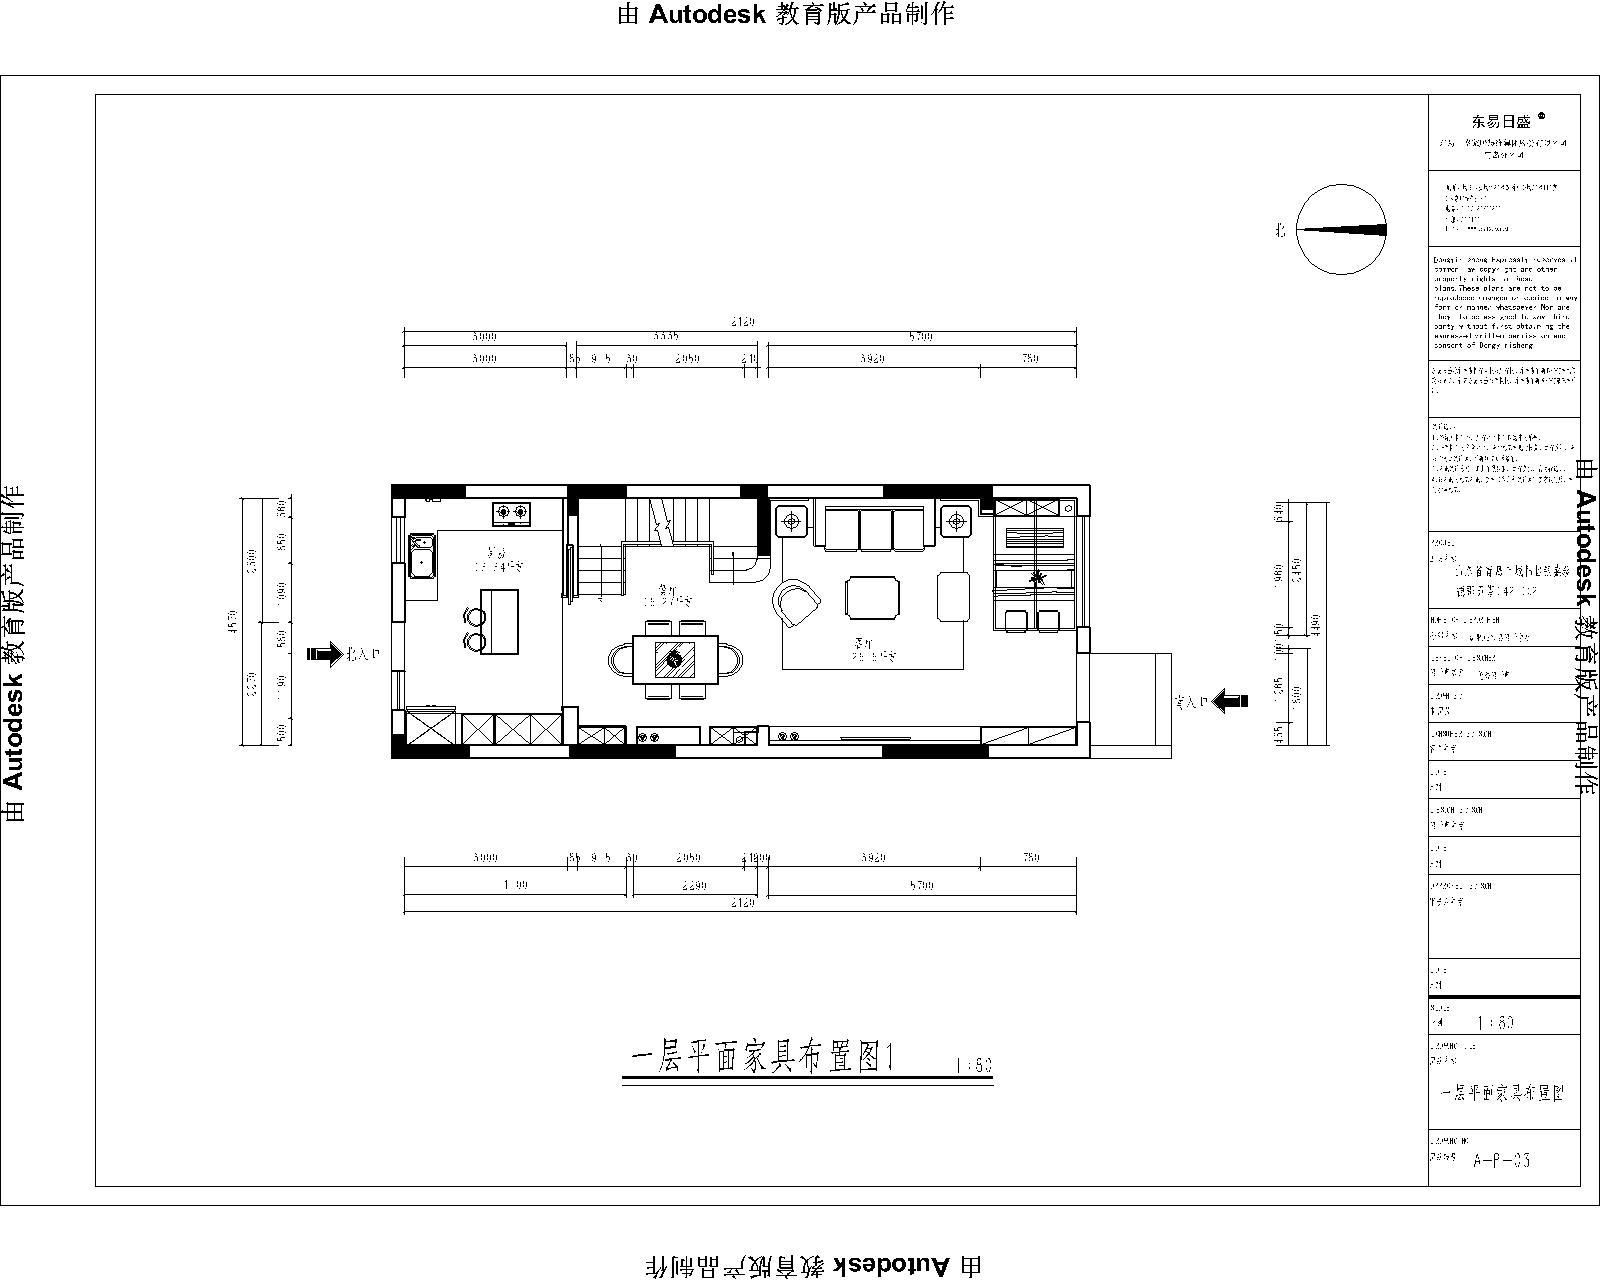 银盛泰德郡 220m/2策划案例 现代风装潢成果图装潢策划愿景